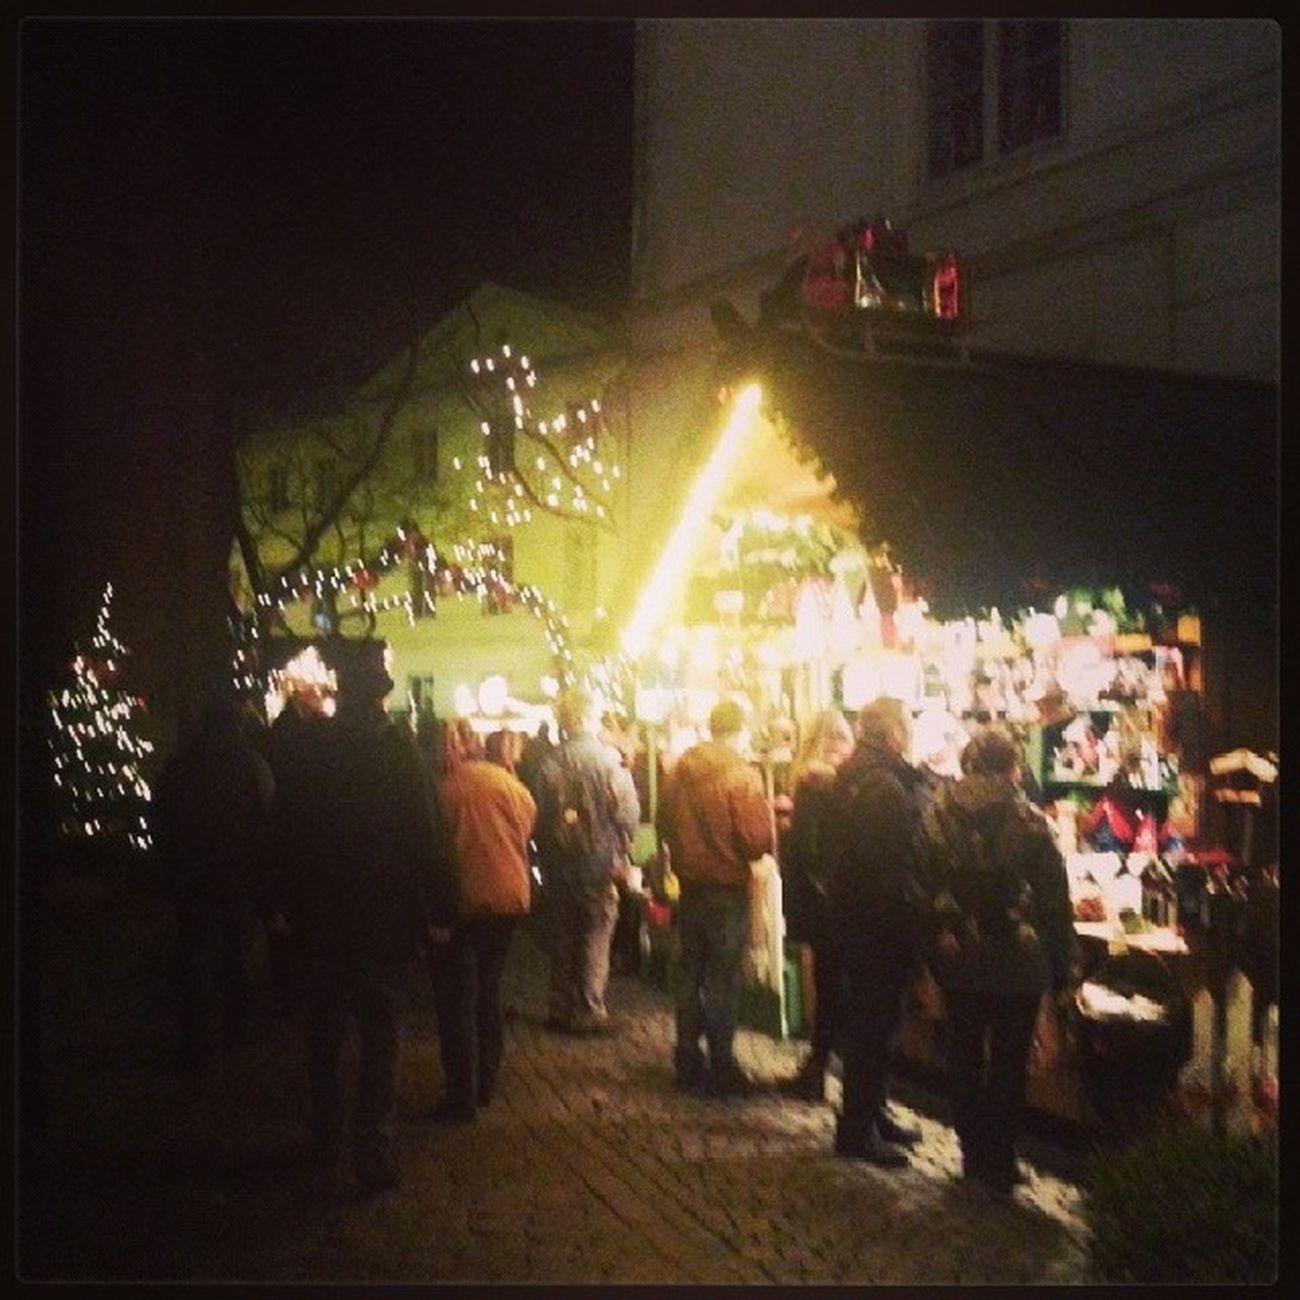 LambertiMarkt Oldenburg Weihnachtsmarkt Xmas Christmas Weihnachten OL